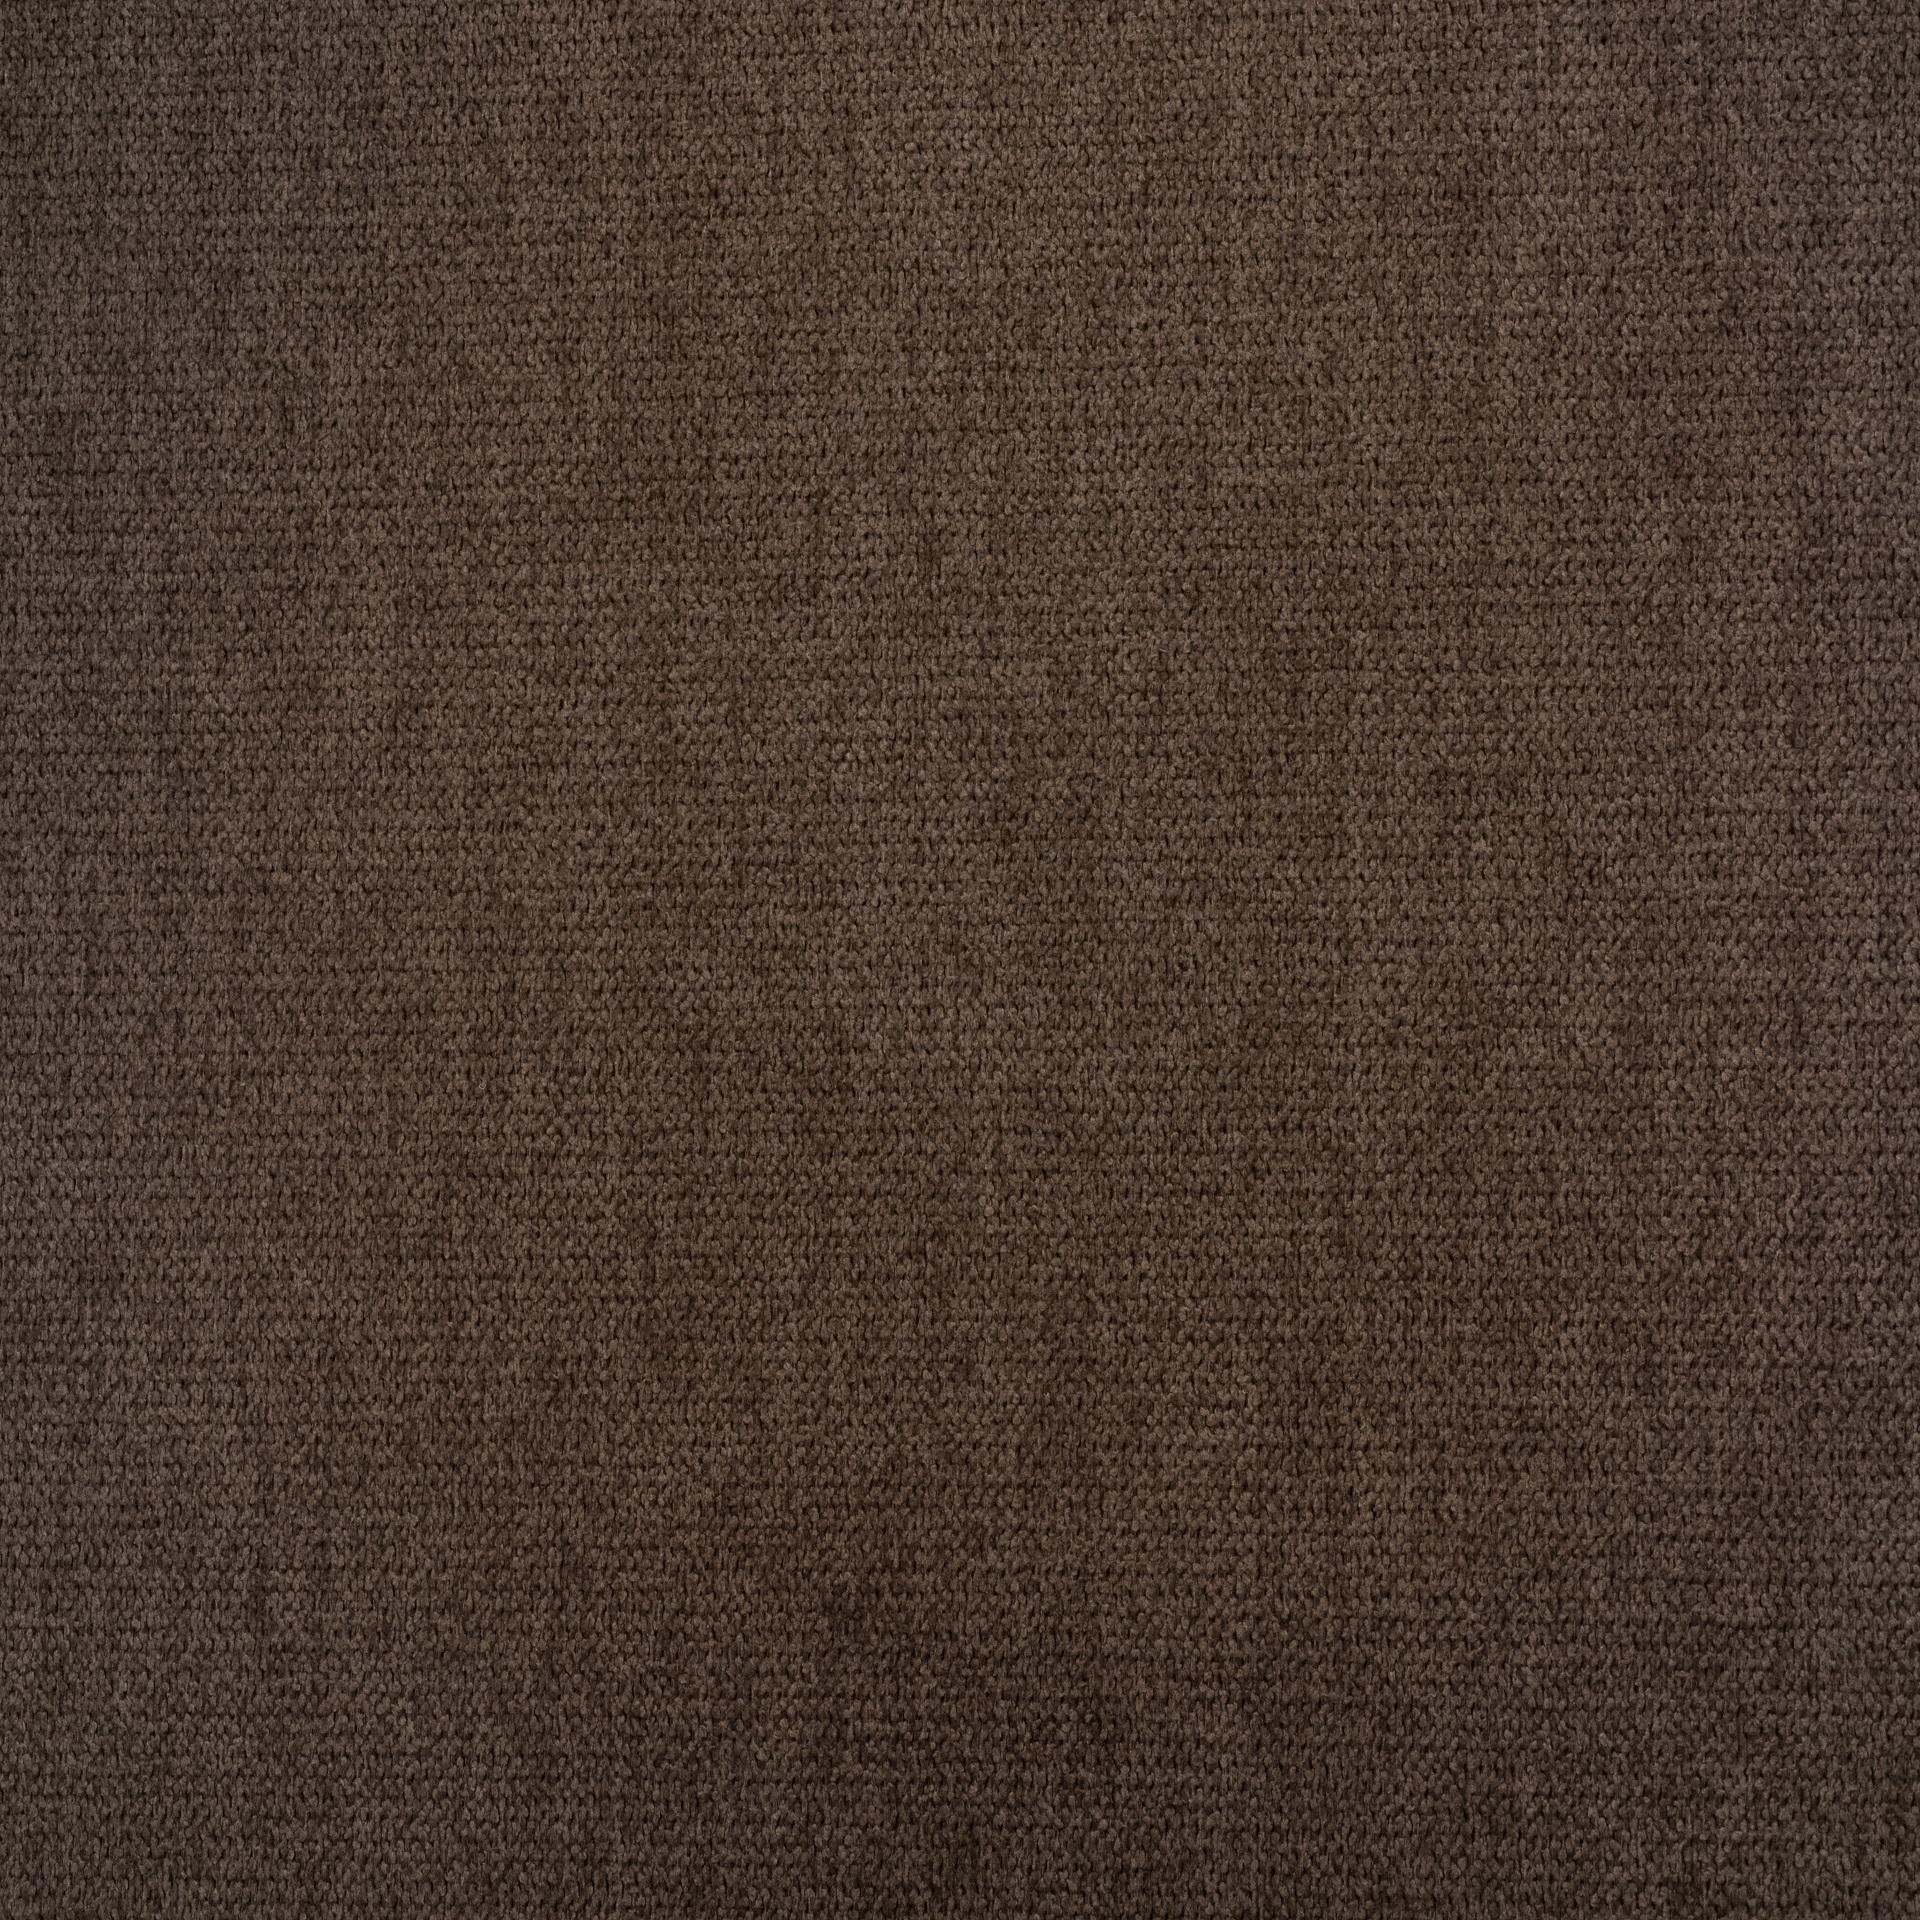 Коллекция ткани Аляска 09 STEEL GREY,  купить ткань Жаккард для мебели Украина